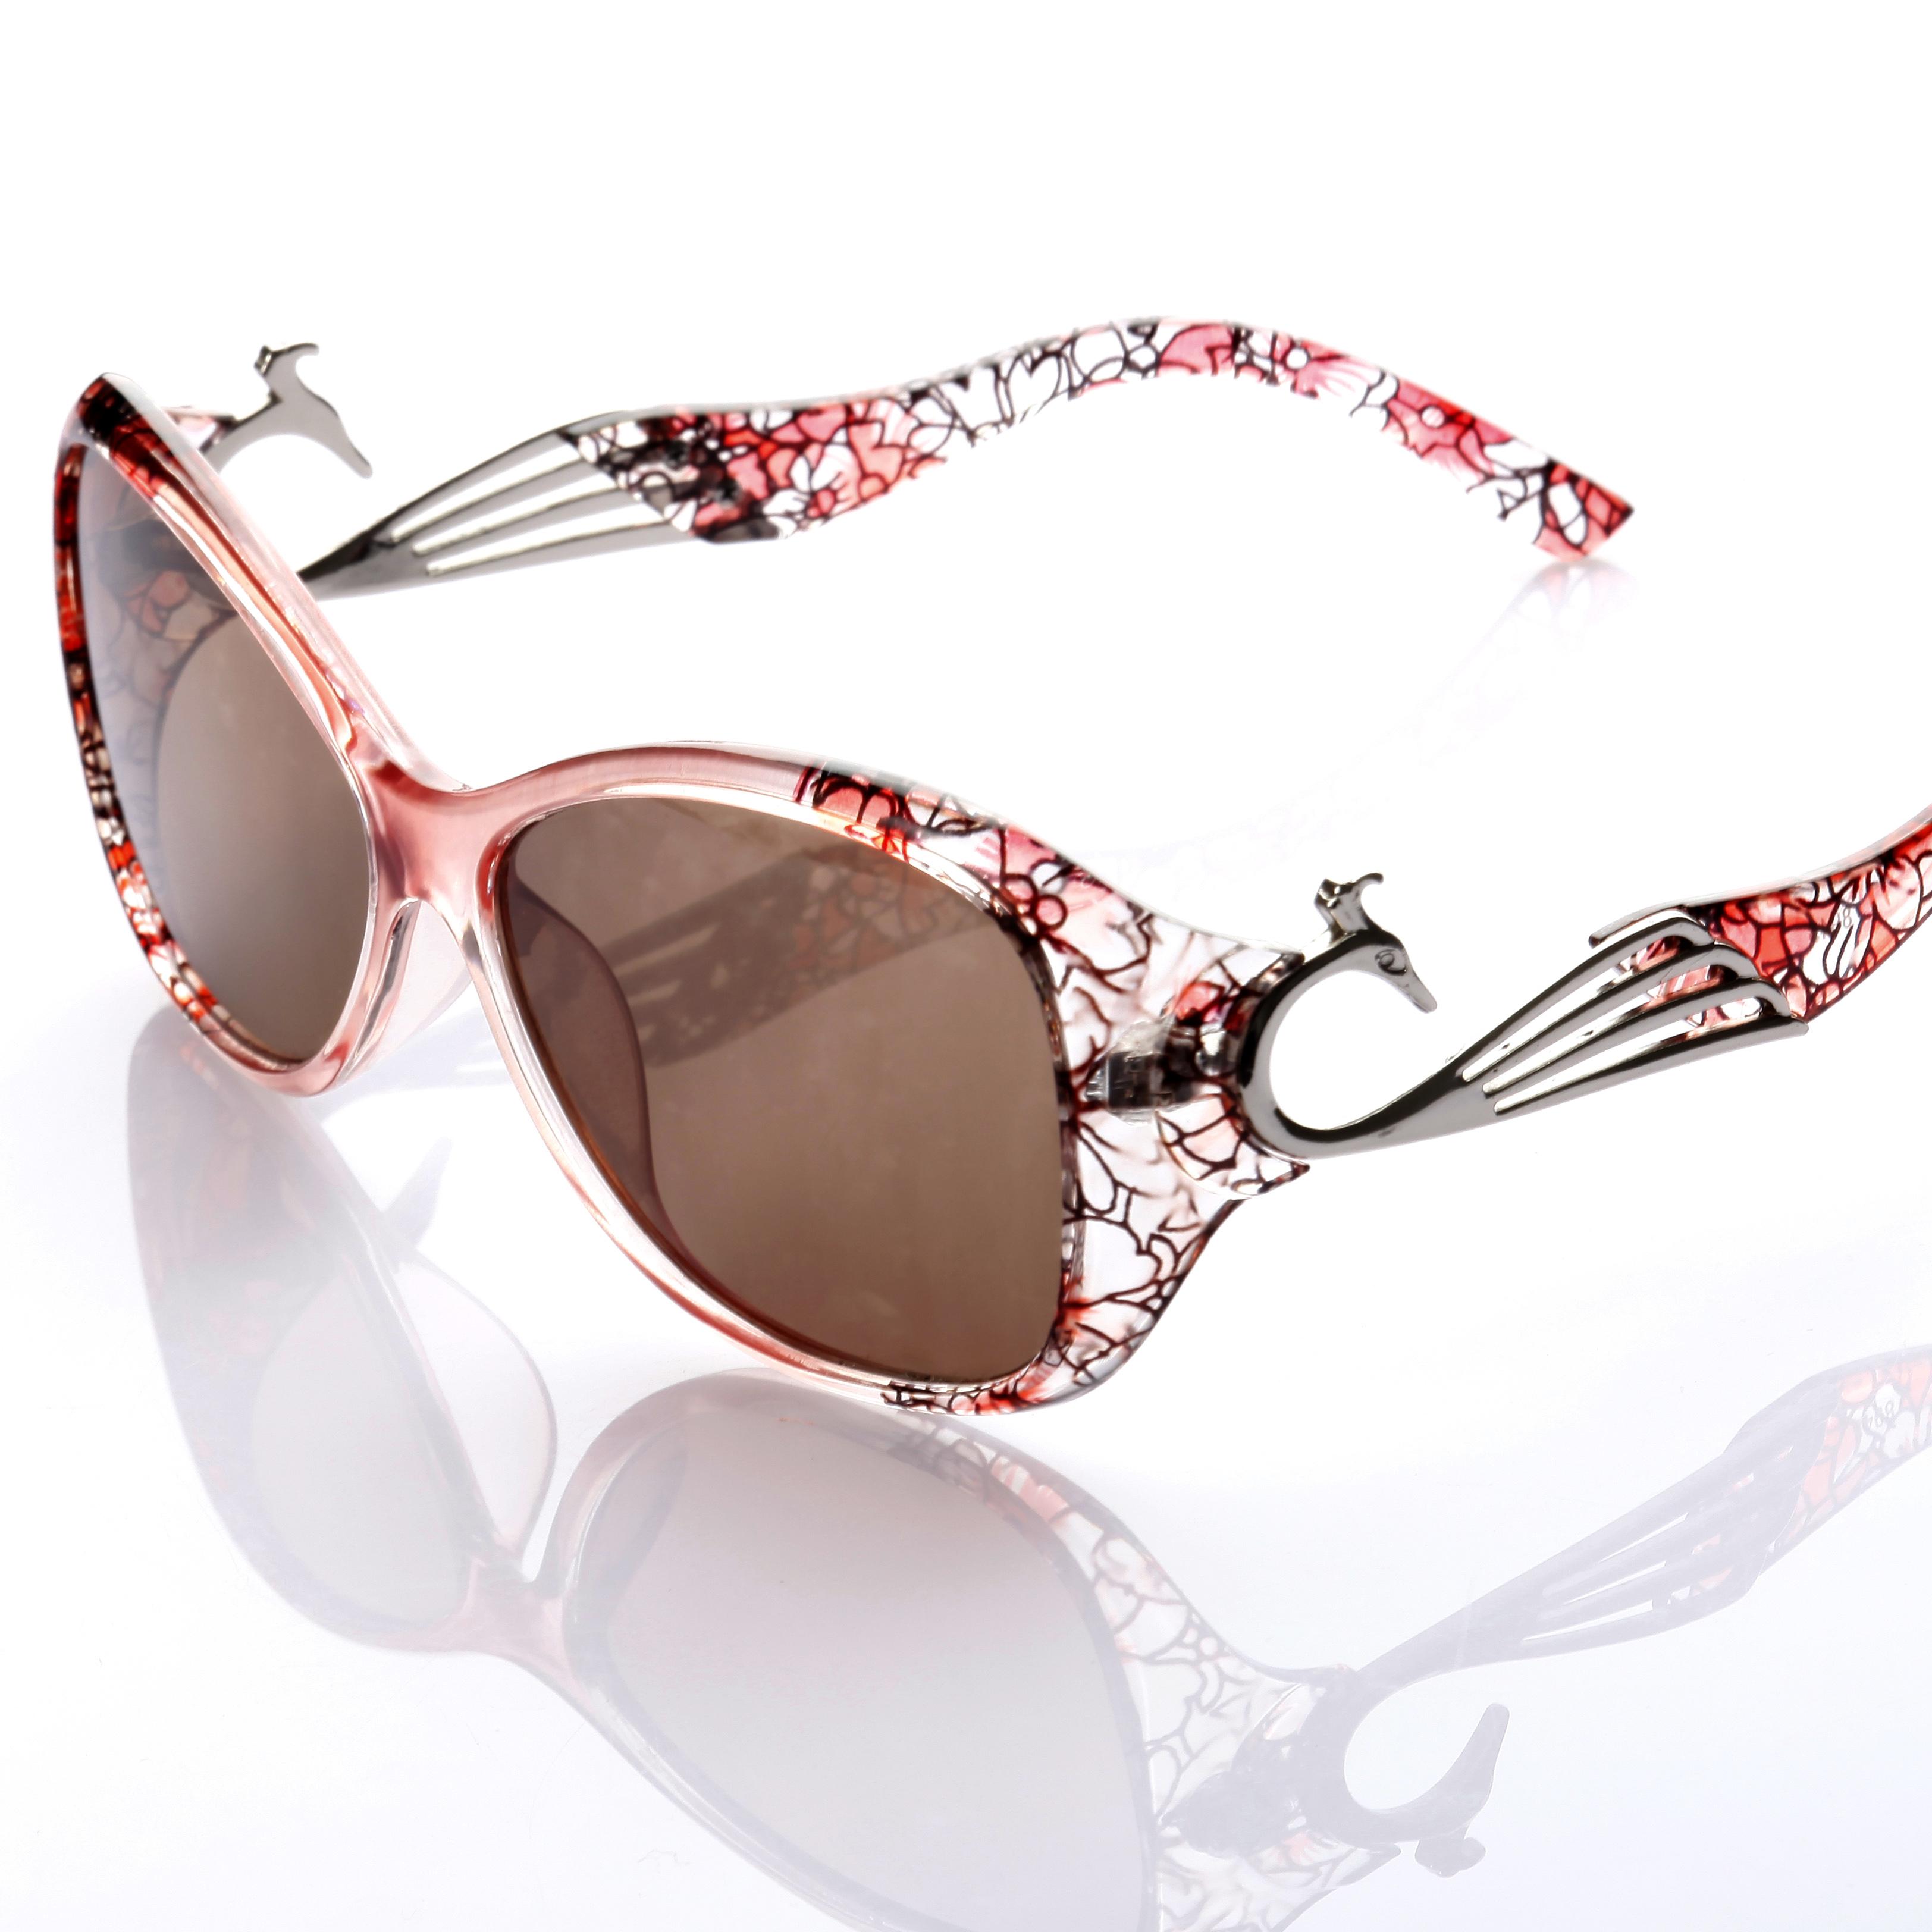 高档天然水晶眼镜女妈妈眼镜太阳镜优雅舒适墨镜清凉护目养眼时尚